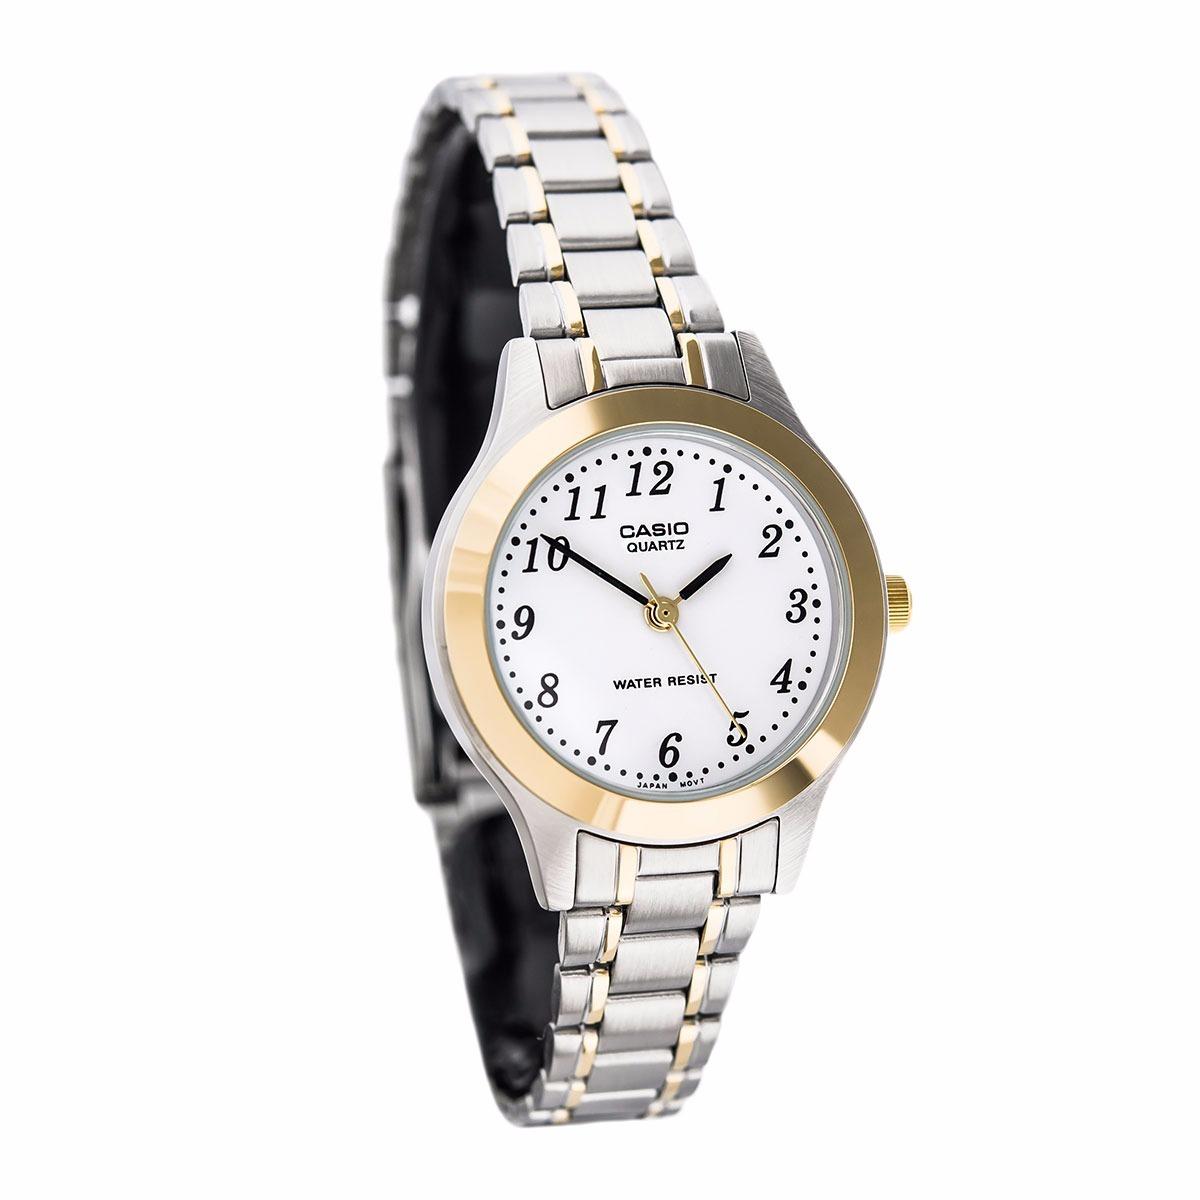 516e87d3d86e reloj casio mtp 1128g-7 acero inoxidable plateado original. Cargando zoom.